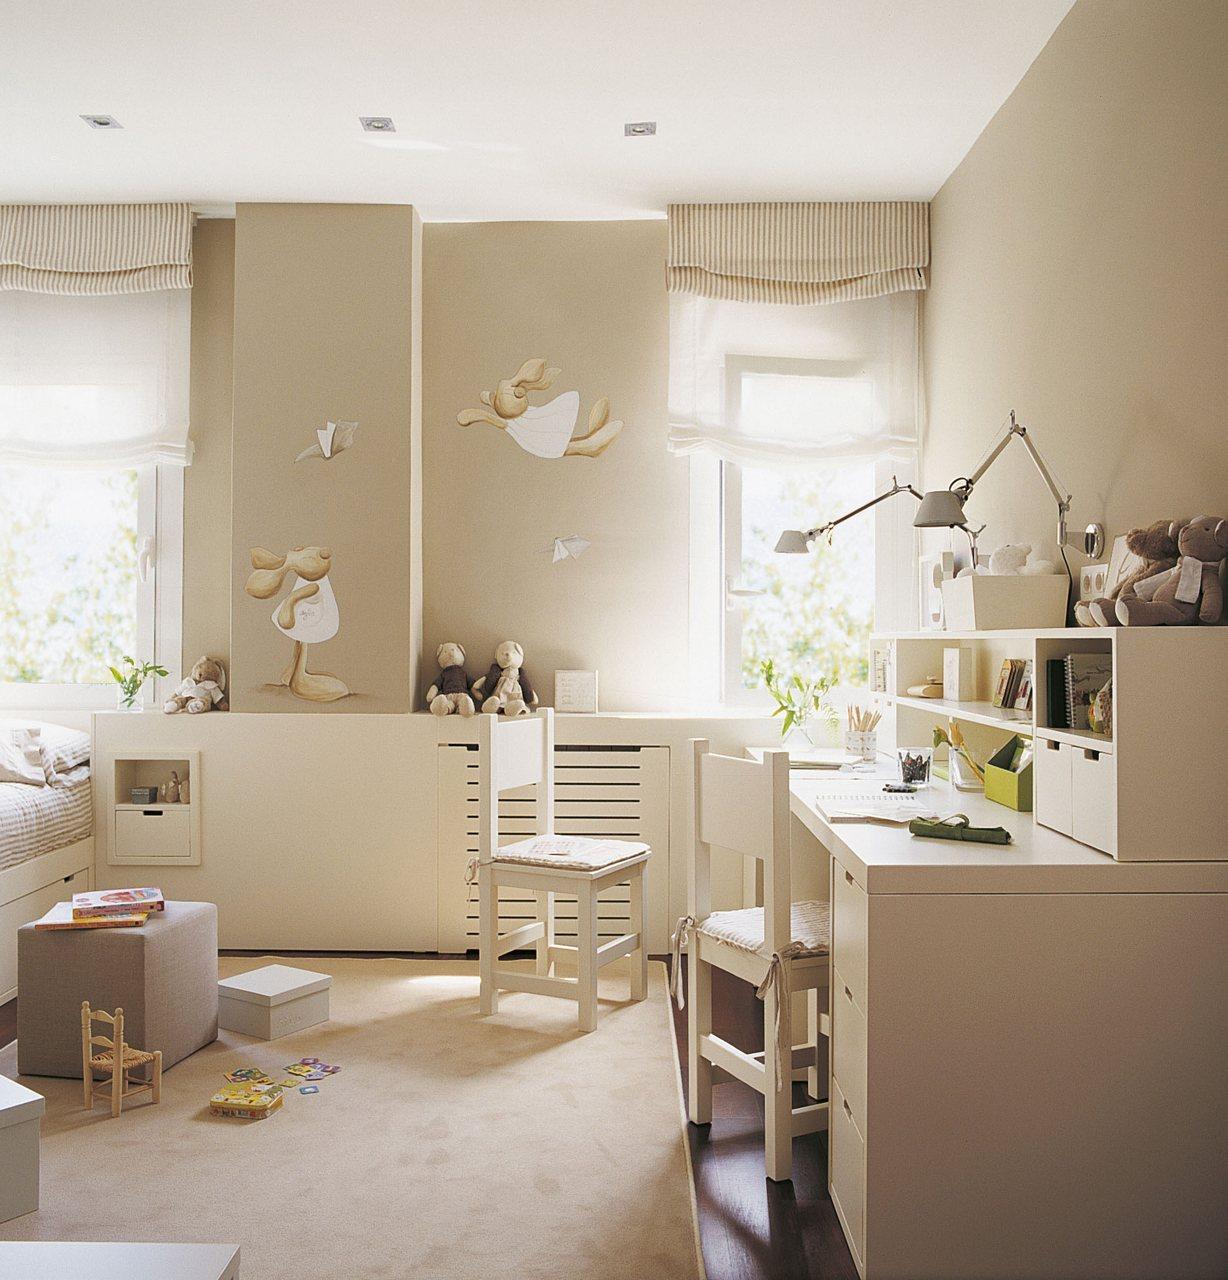 Zona de estudio y juegos en color beige. Zona de estudio.